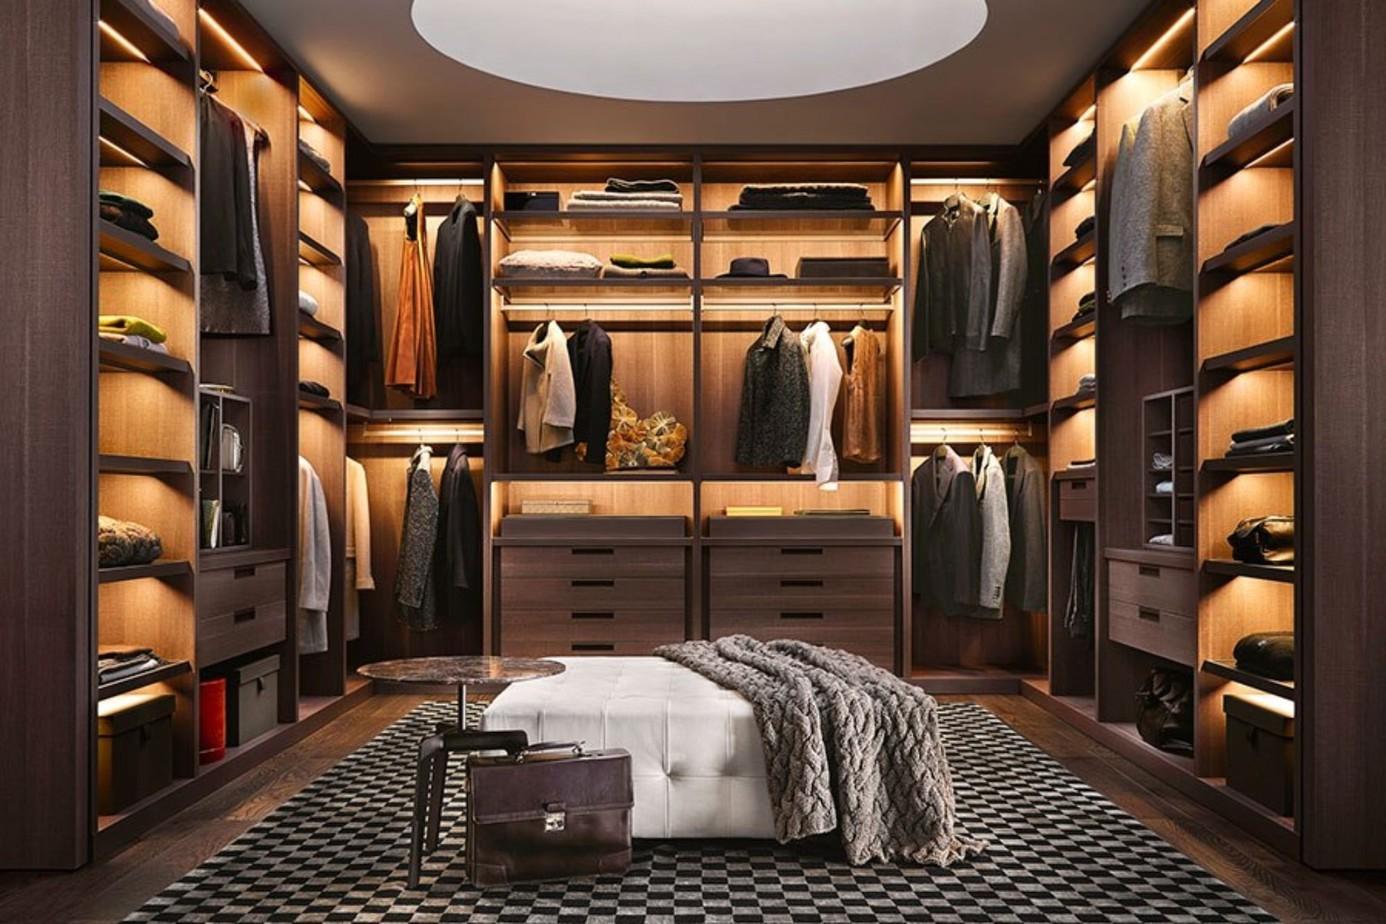 Dường như căn phòng của bạn trở thành một shop thời trang sang trọng nhờ thiết kế tủ chữ U màu vân gỗ độc đáo. Các ngăn chứa cũng được thiết kế và sắp xếp một cách tài tình mang đến sự hòa hợp hoàn mỹ.